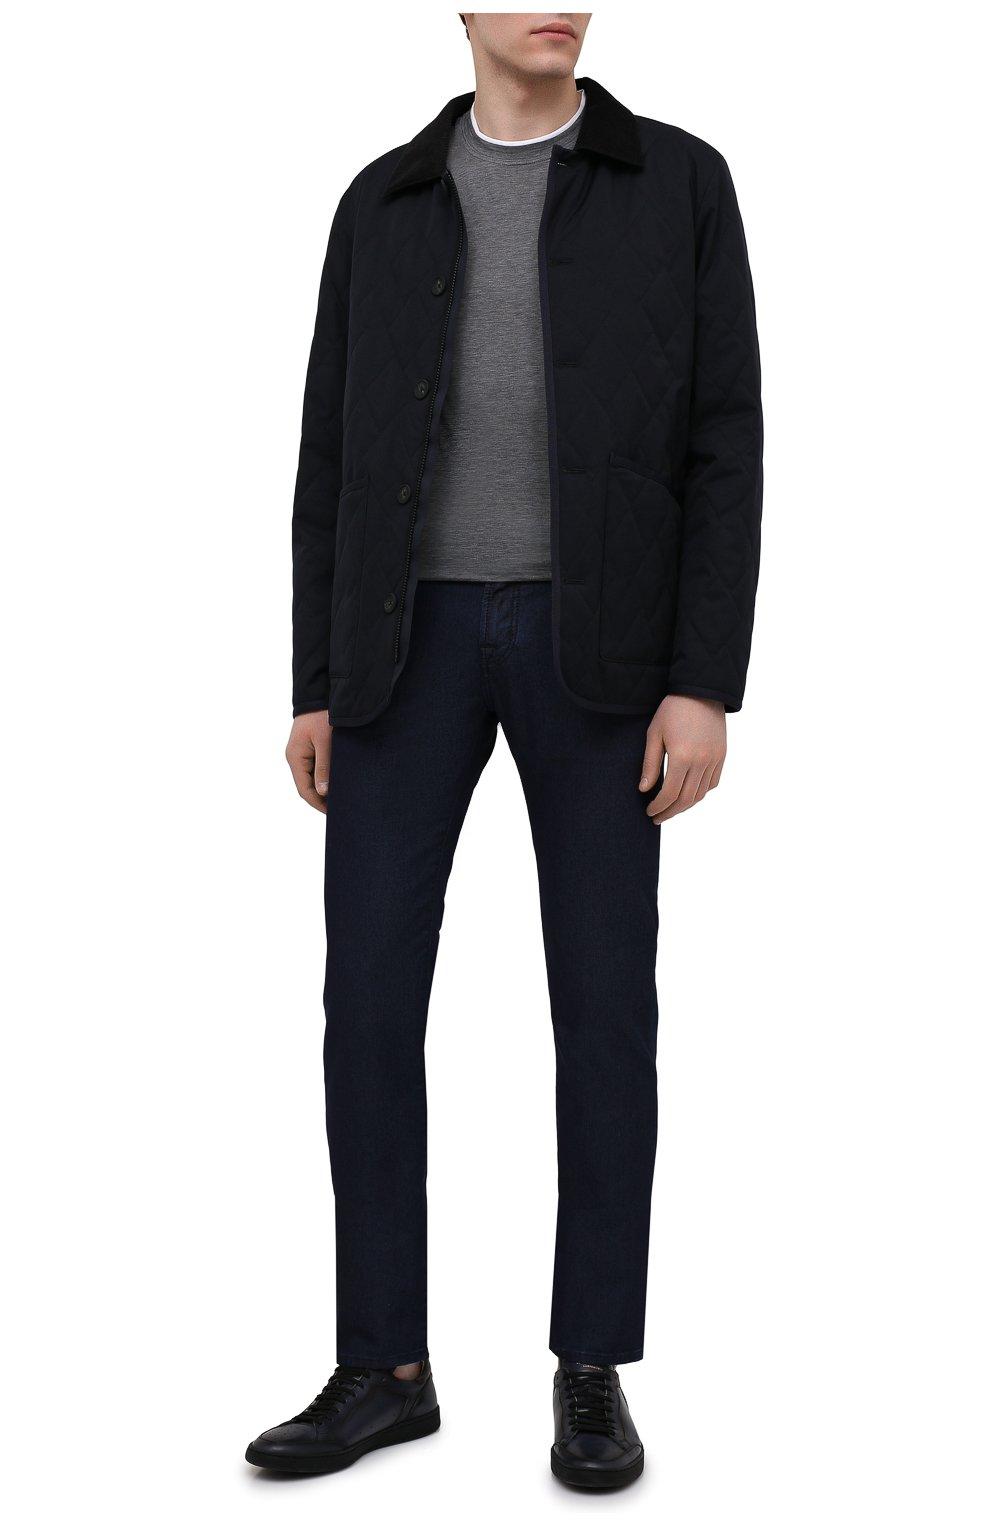 Мужские кожаные кеды OFFICINE CREATIVE темно-синего цвета, арт. KAREEM LUX/001/AER0 BUTTER0 | Фото 2 (Материал внутренний: Натуральная кожа; Подошва: Плоская)